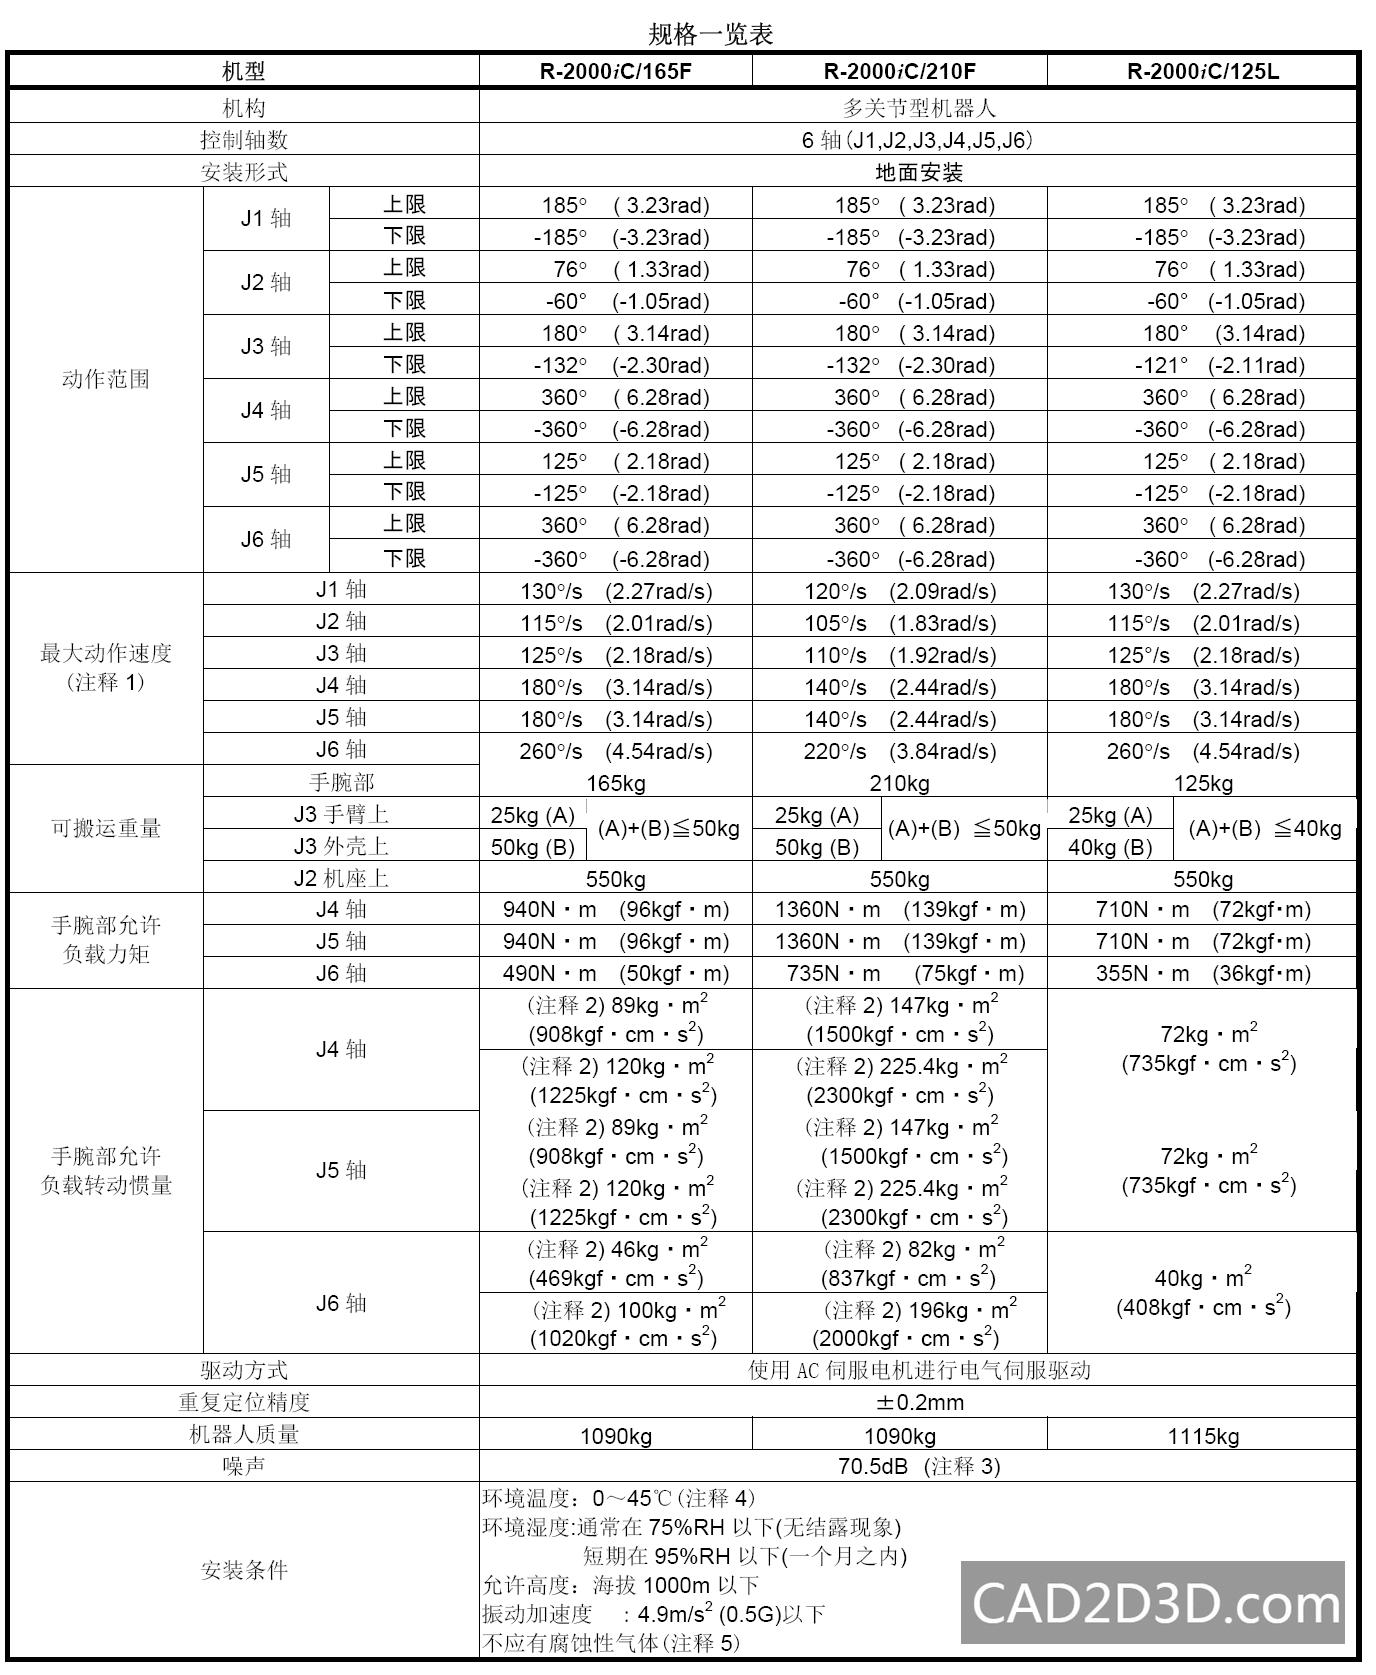 FANUC R-2000iC 系列(165F/210F/125L) 机器人参数表及说明